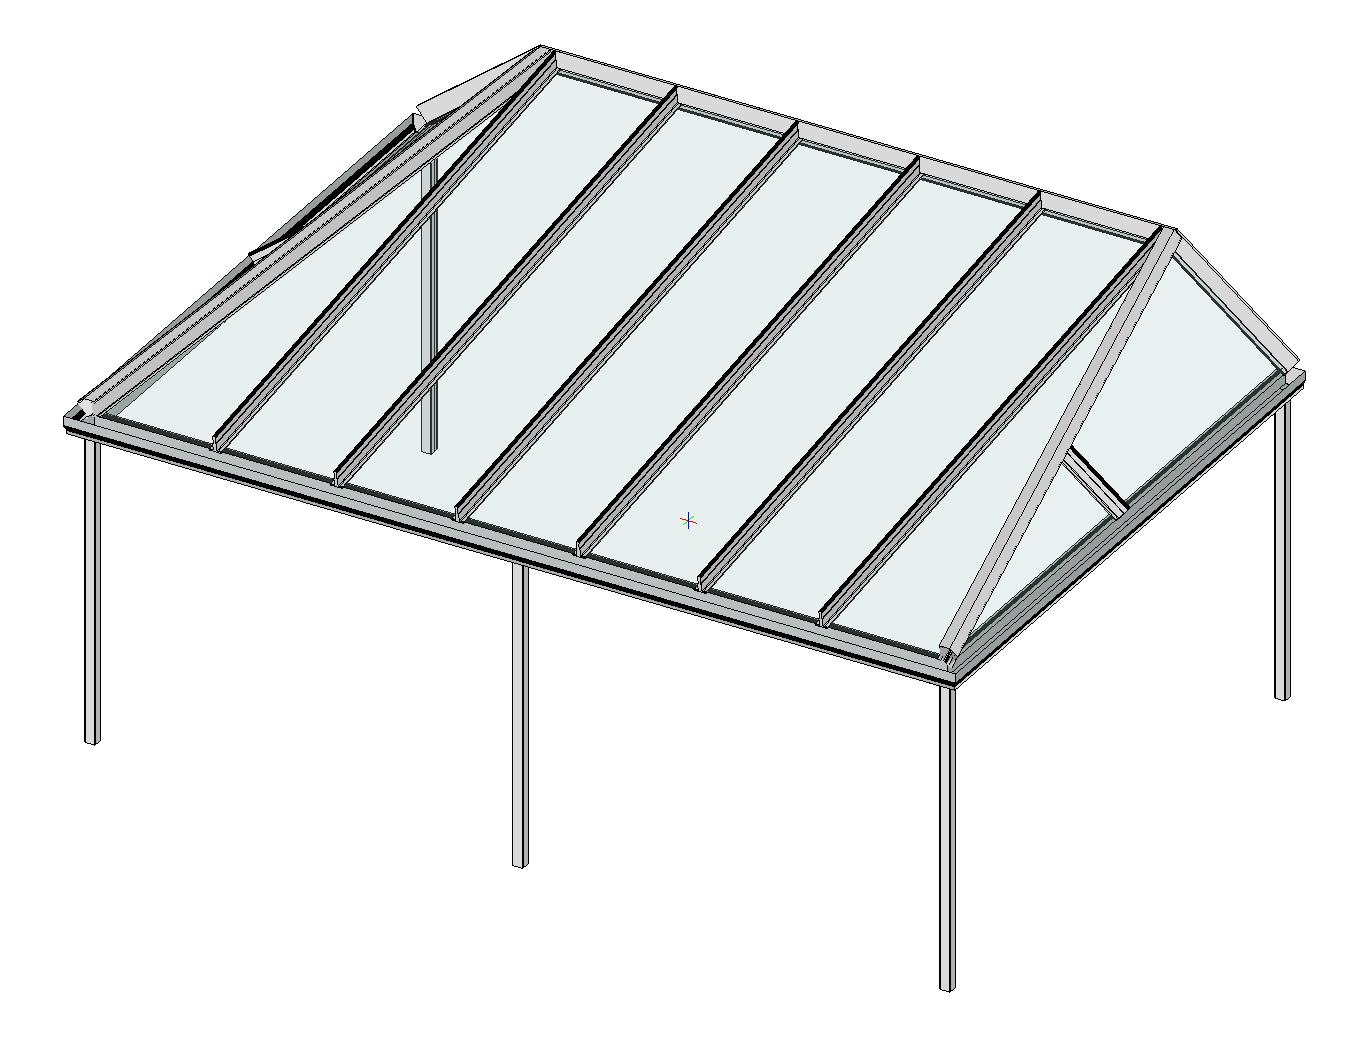 Terrassendach mit beidseitiger Abwalmung